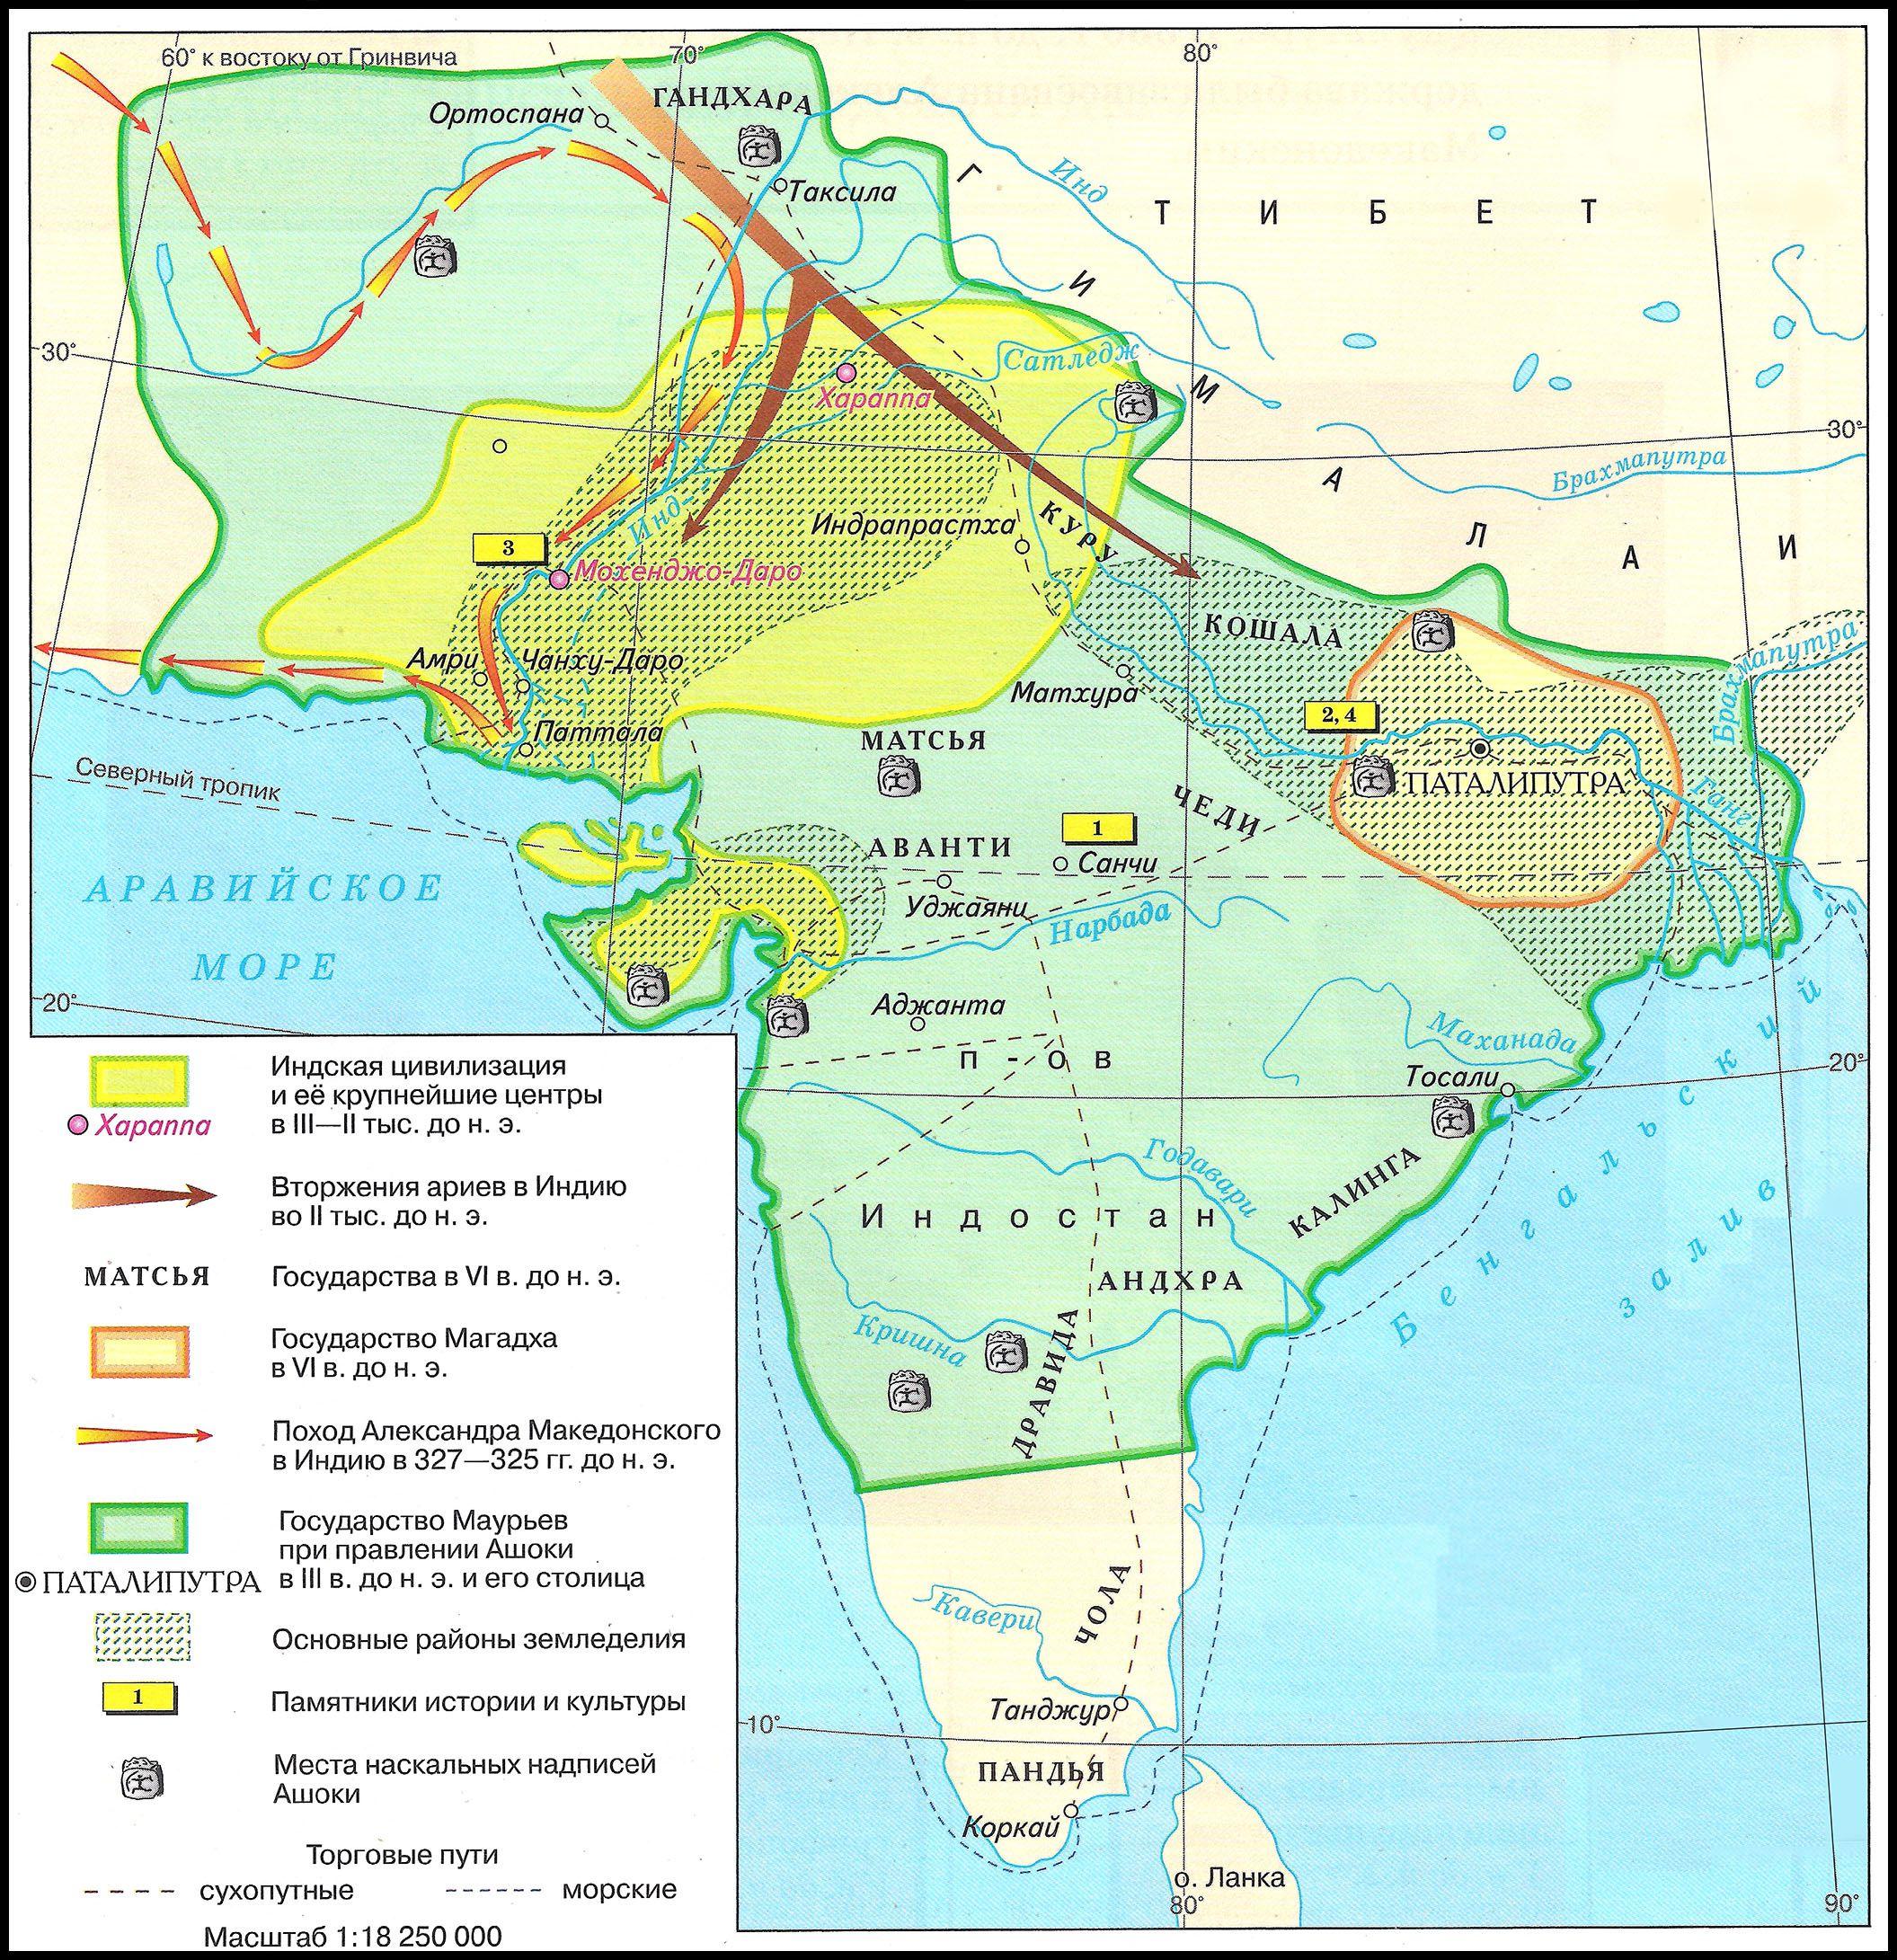 Древняя Индия, 2500-200 гг. до н.э.